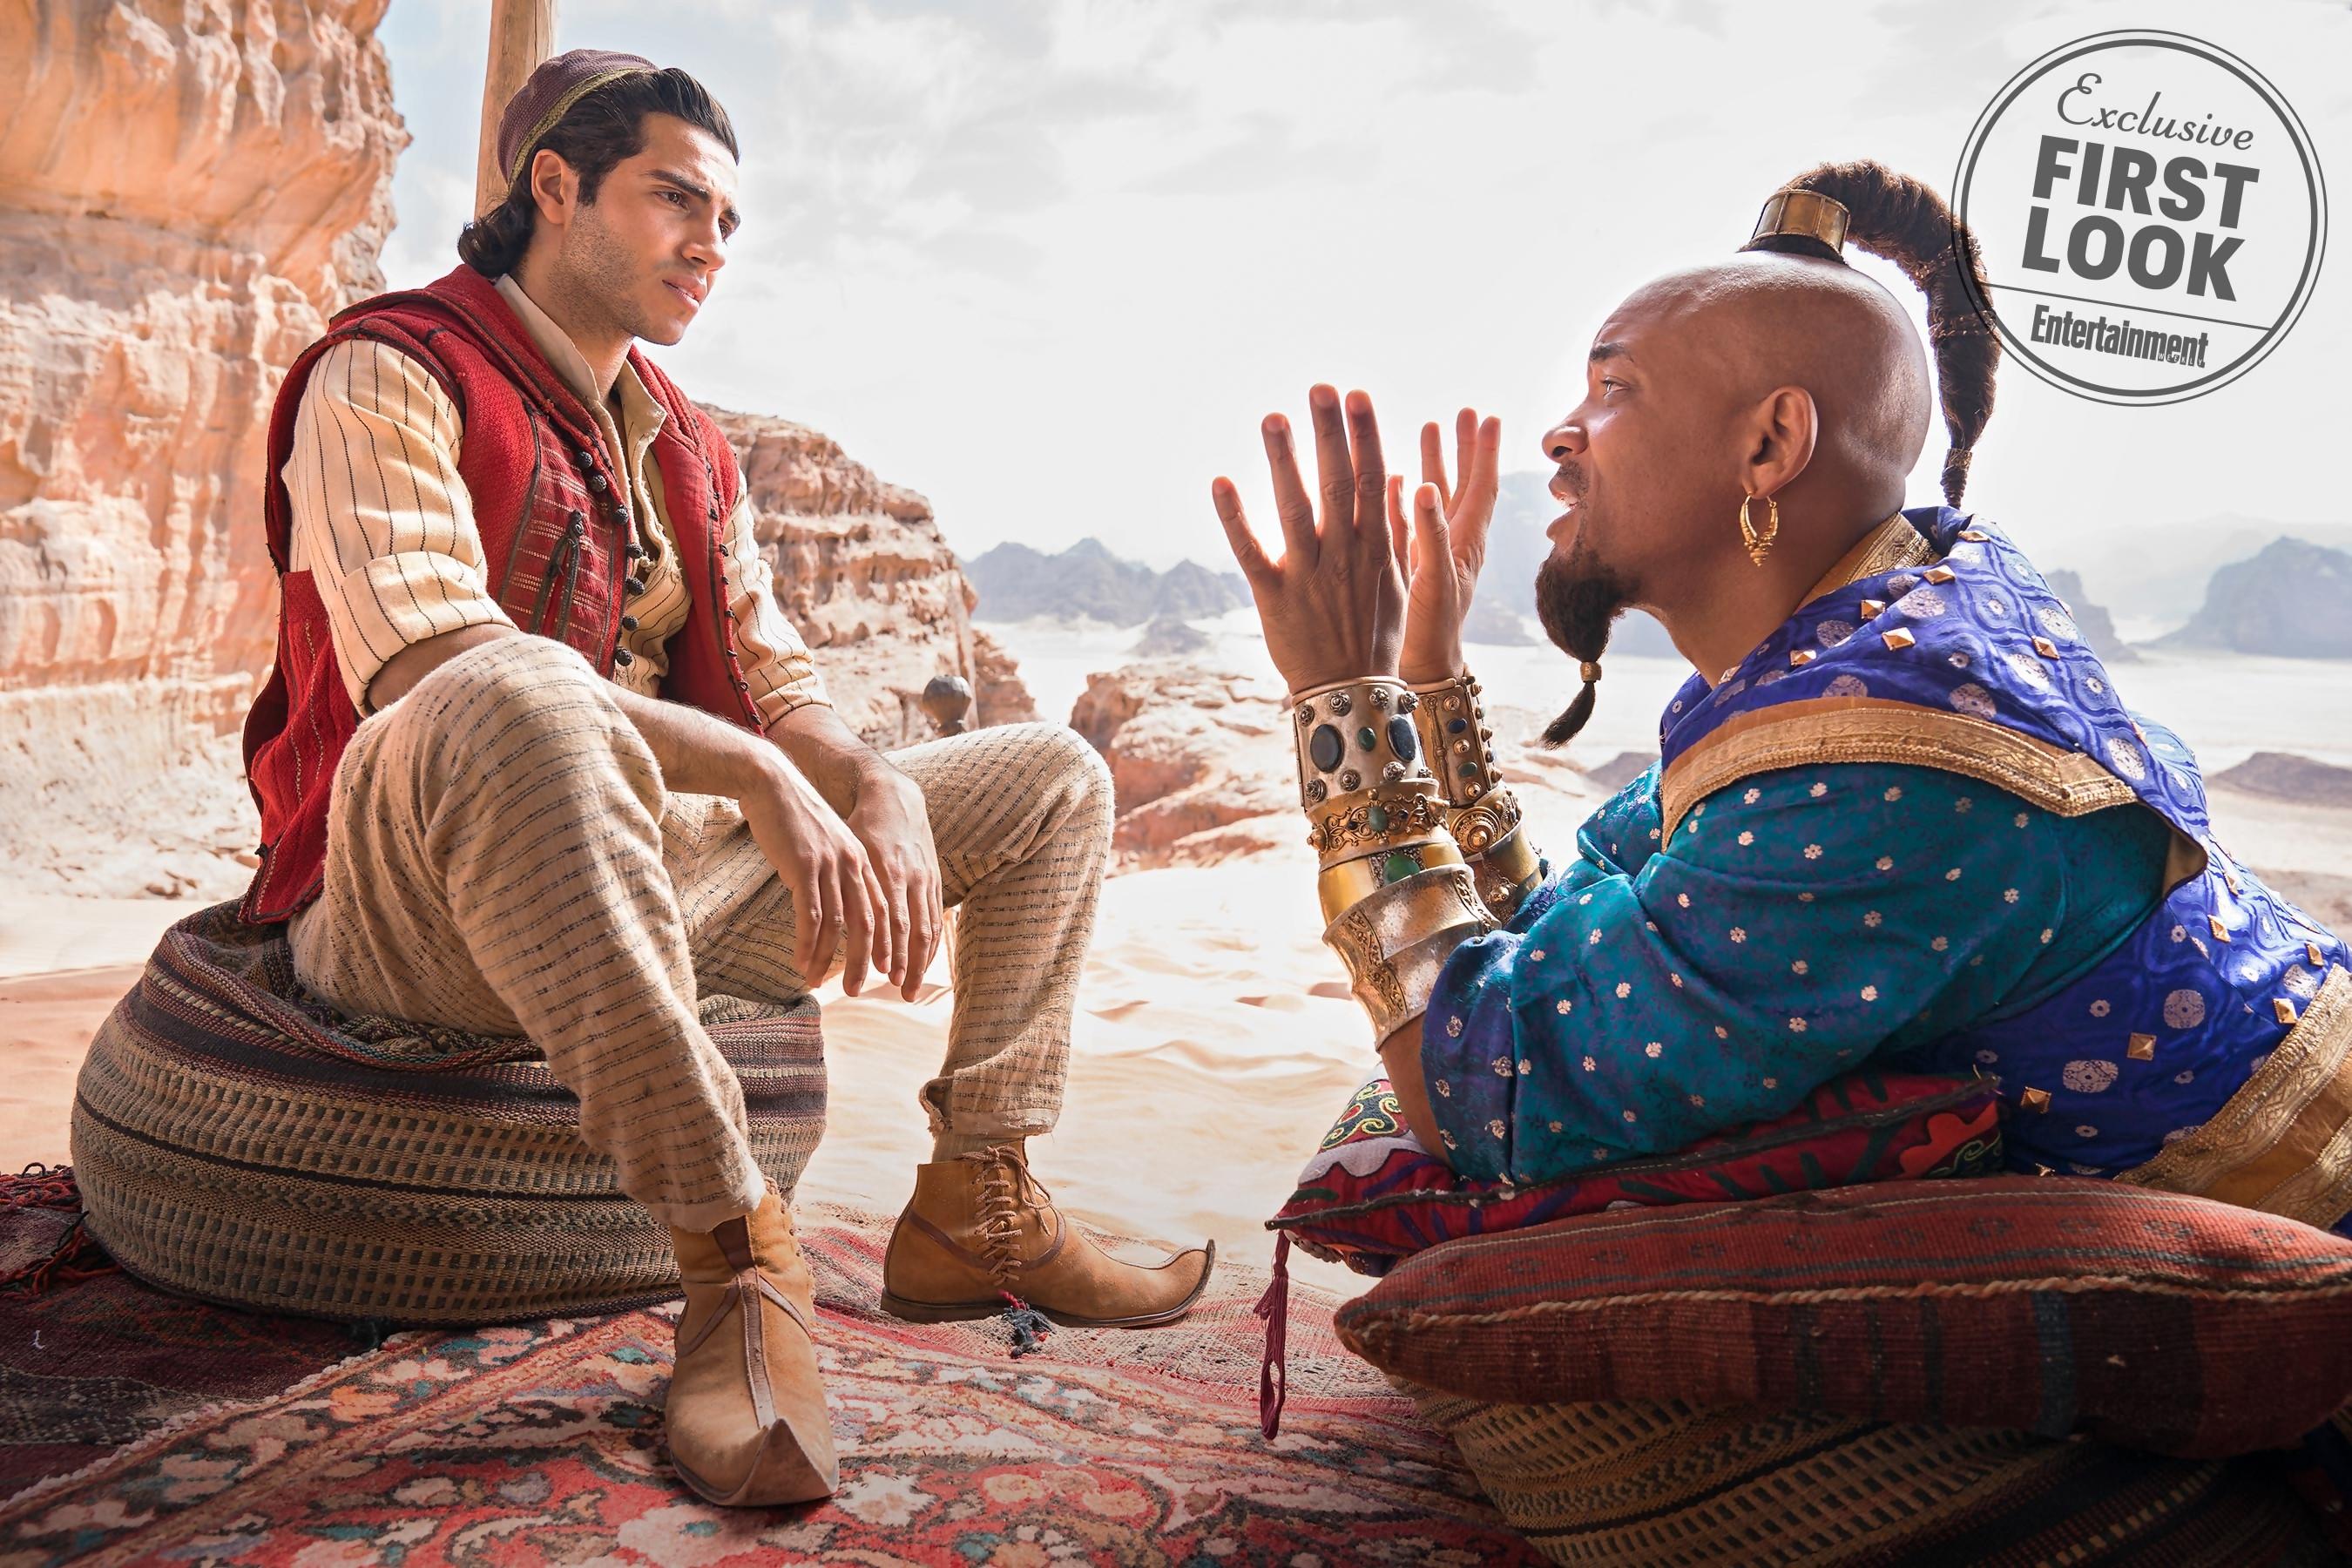 Aladdin : premières images surprenantes et intrigantes de Will Smith en Génie